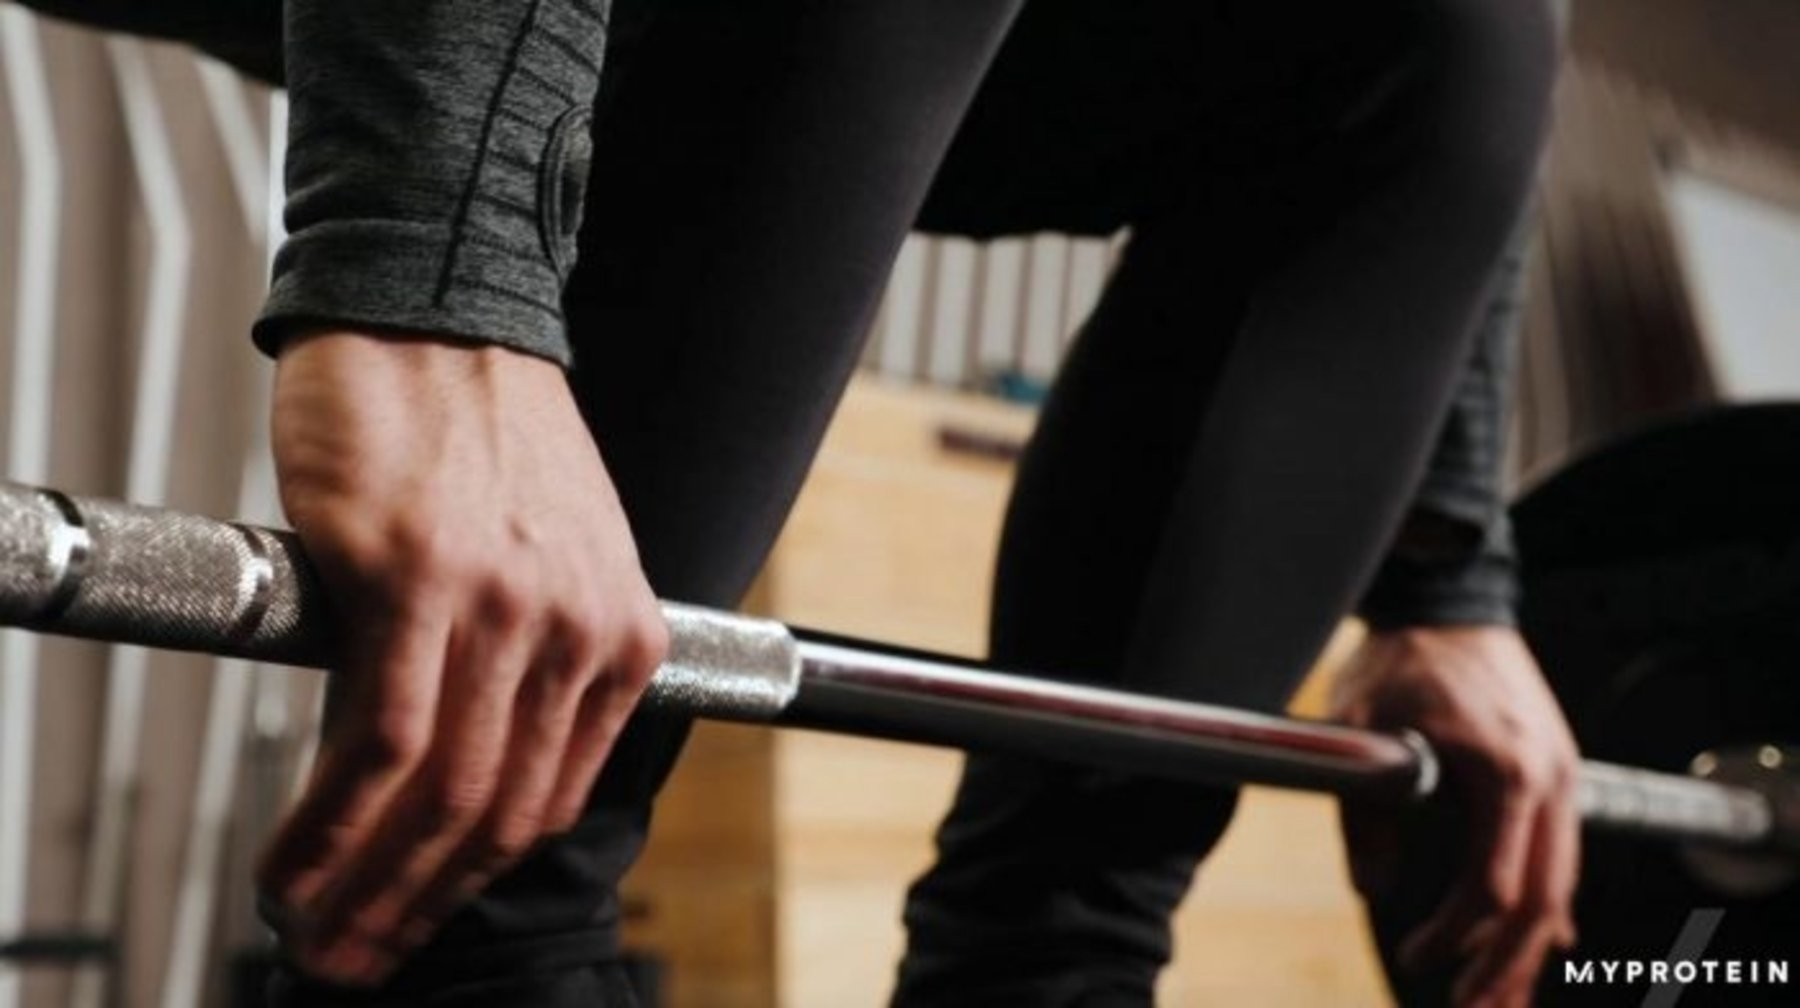 Hoe voer je een Bent-Over Barbell Row uit? | De techniek & voordelen